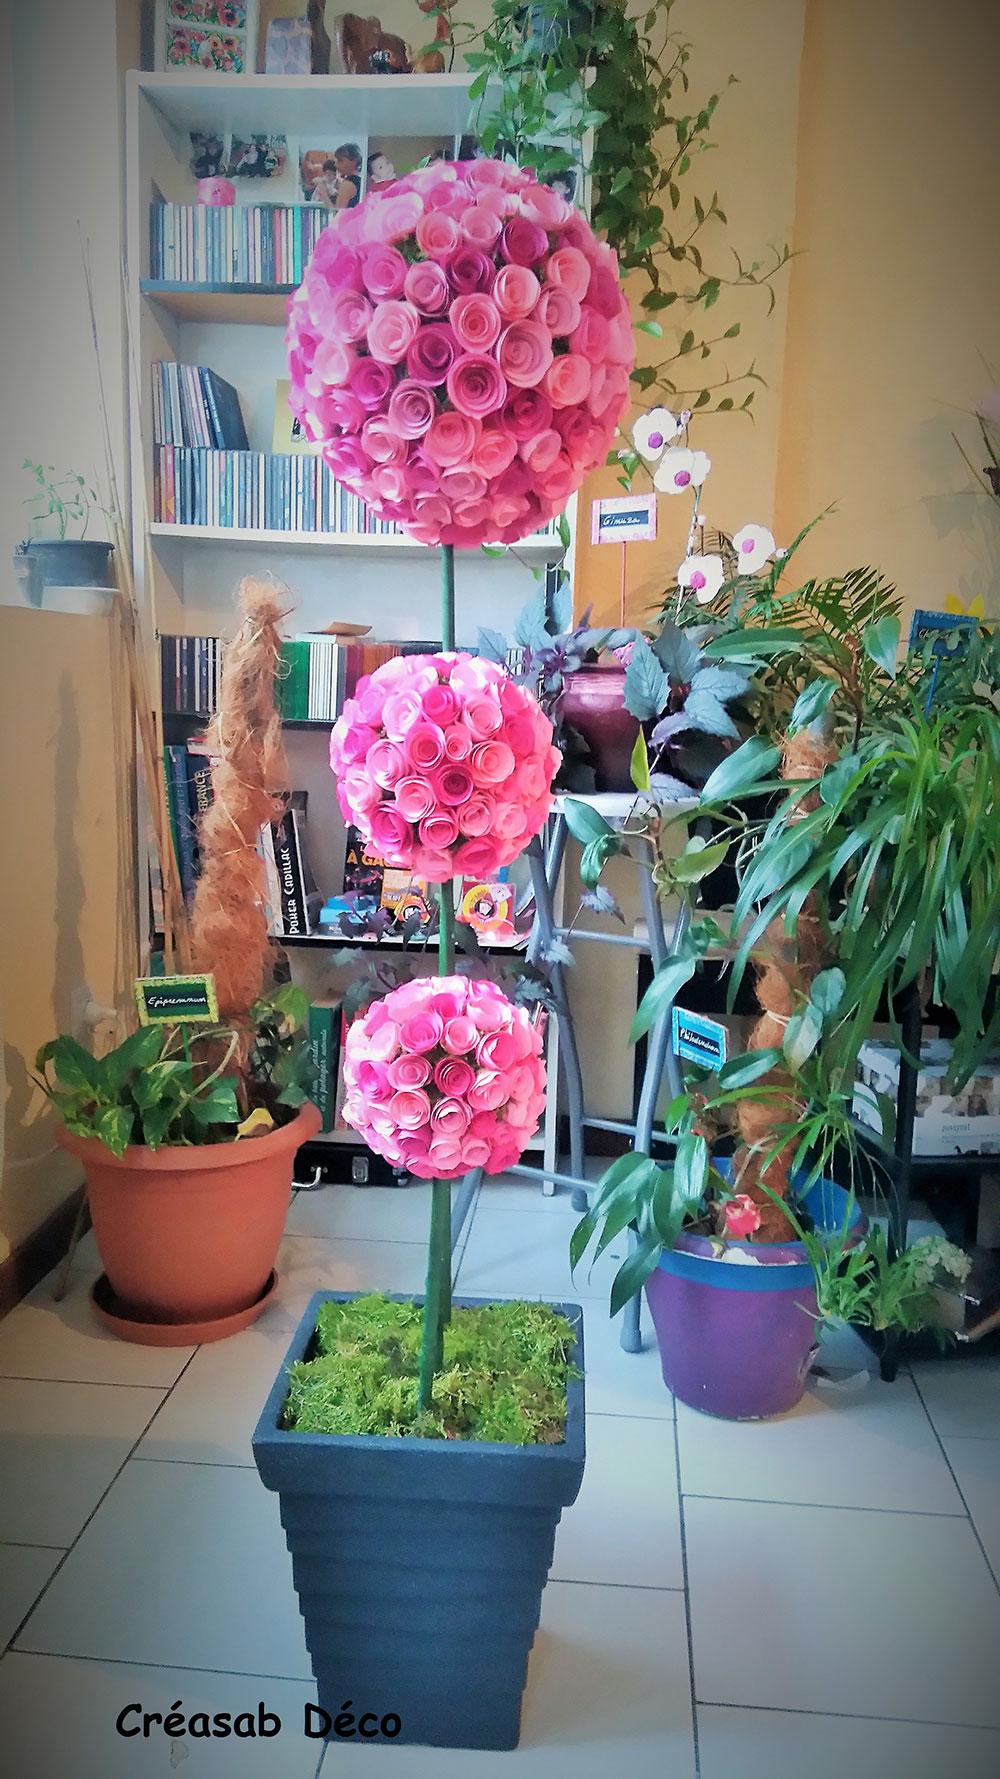 réalisation d'une fleur en papier de soie